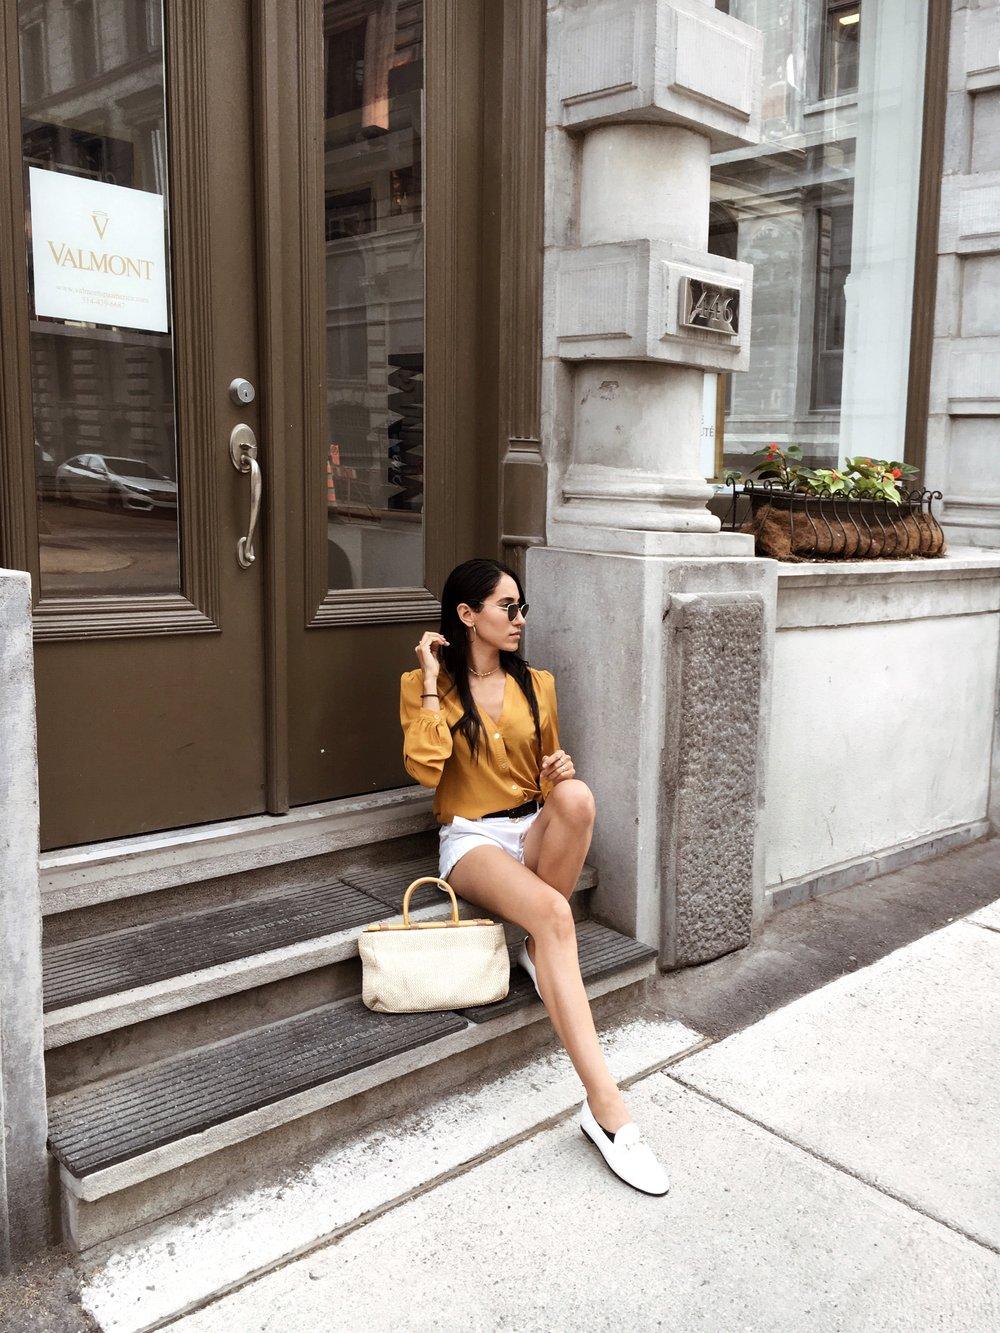 Wearing: Tory Burch  Top |Banana Republic  Shorts |Gucci  Loafers